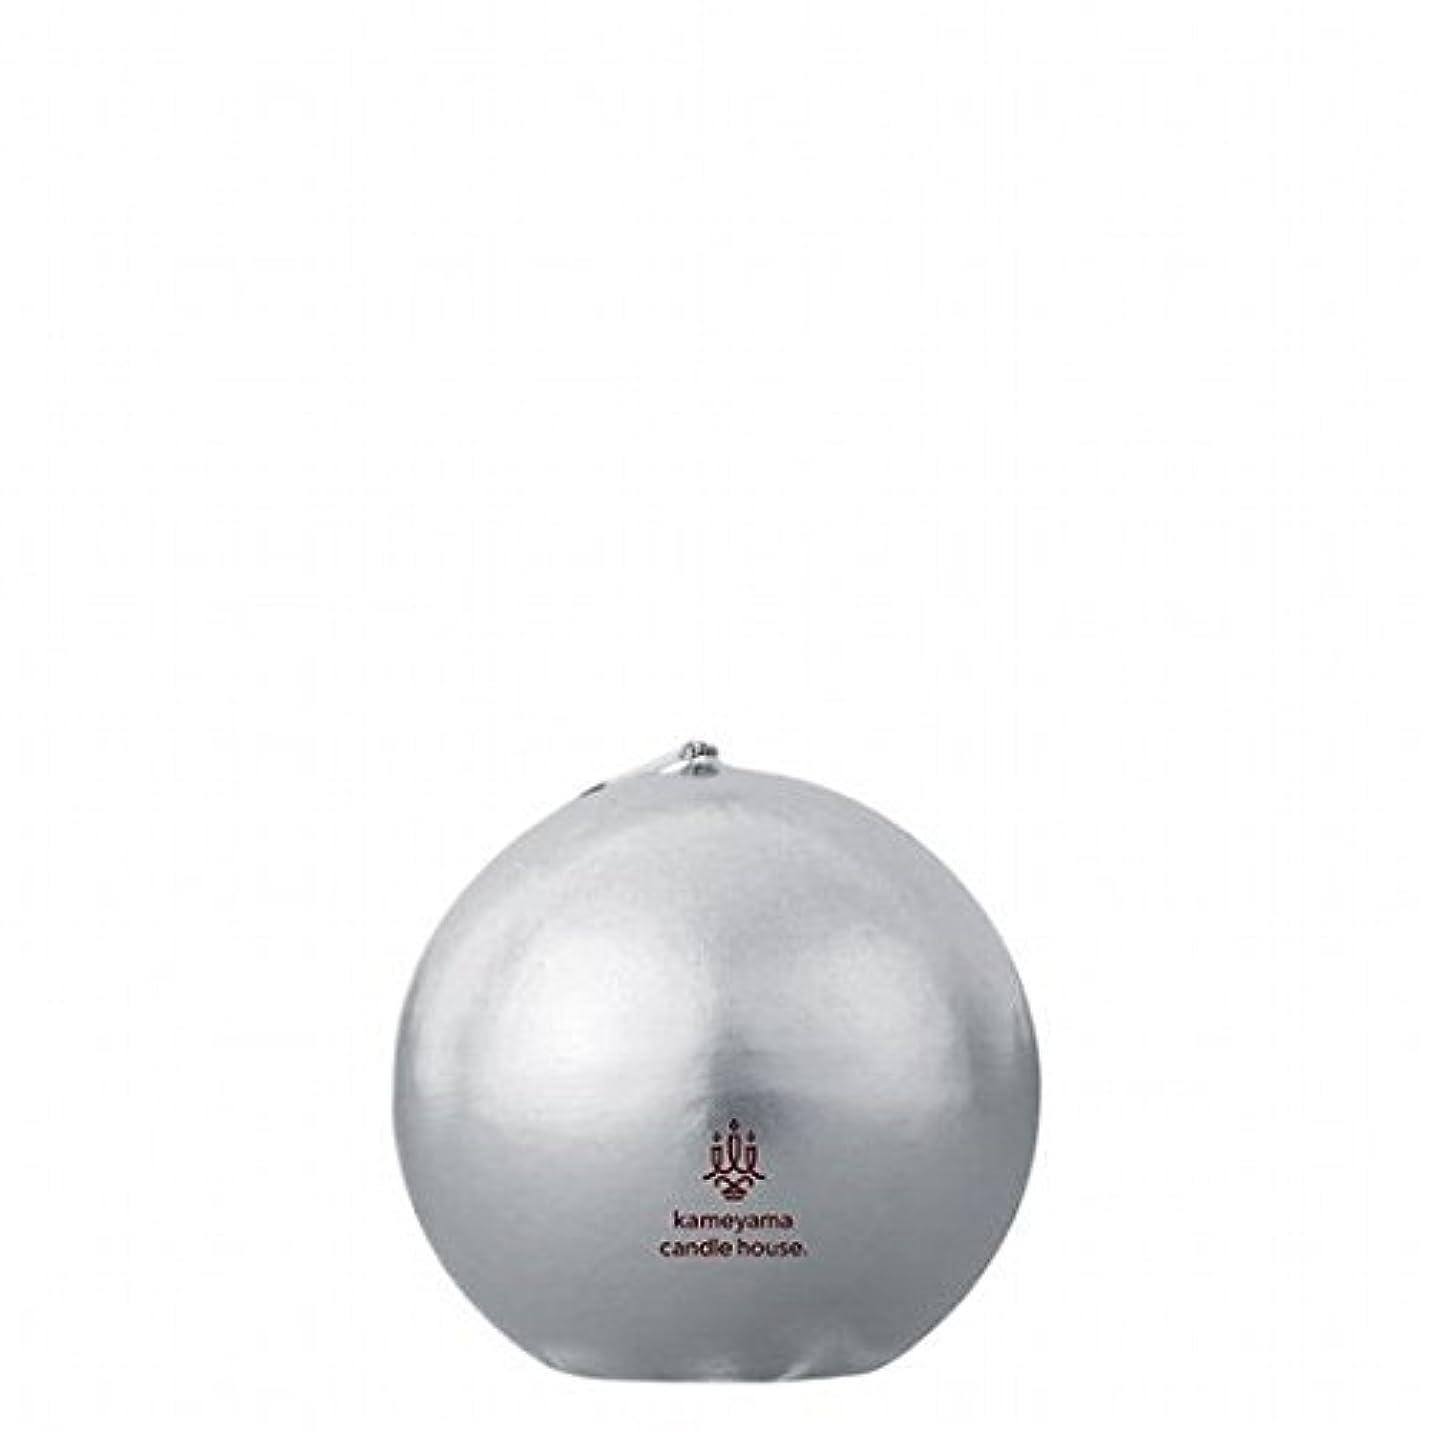 疼痛ラッチ経験者kameyama candle(カメヤマキャンドル) メタリックボール60 「 シルバー 」(A9640100SI)